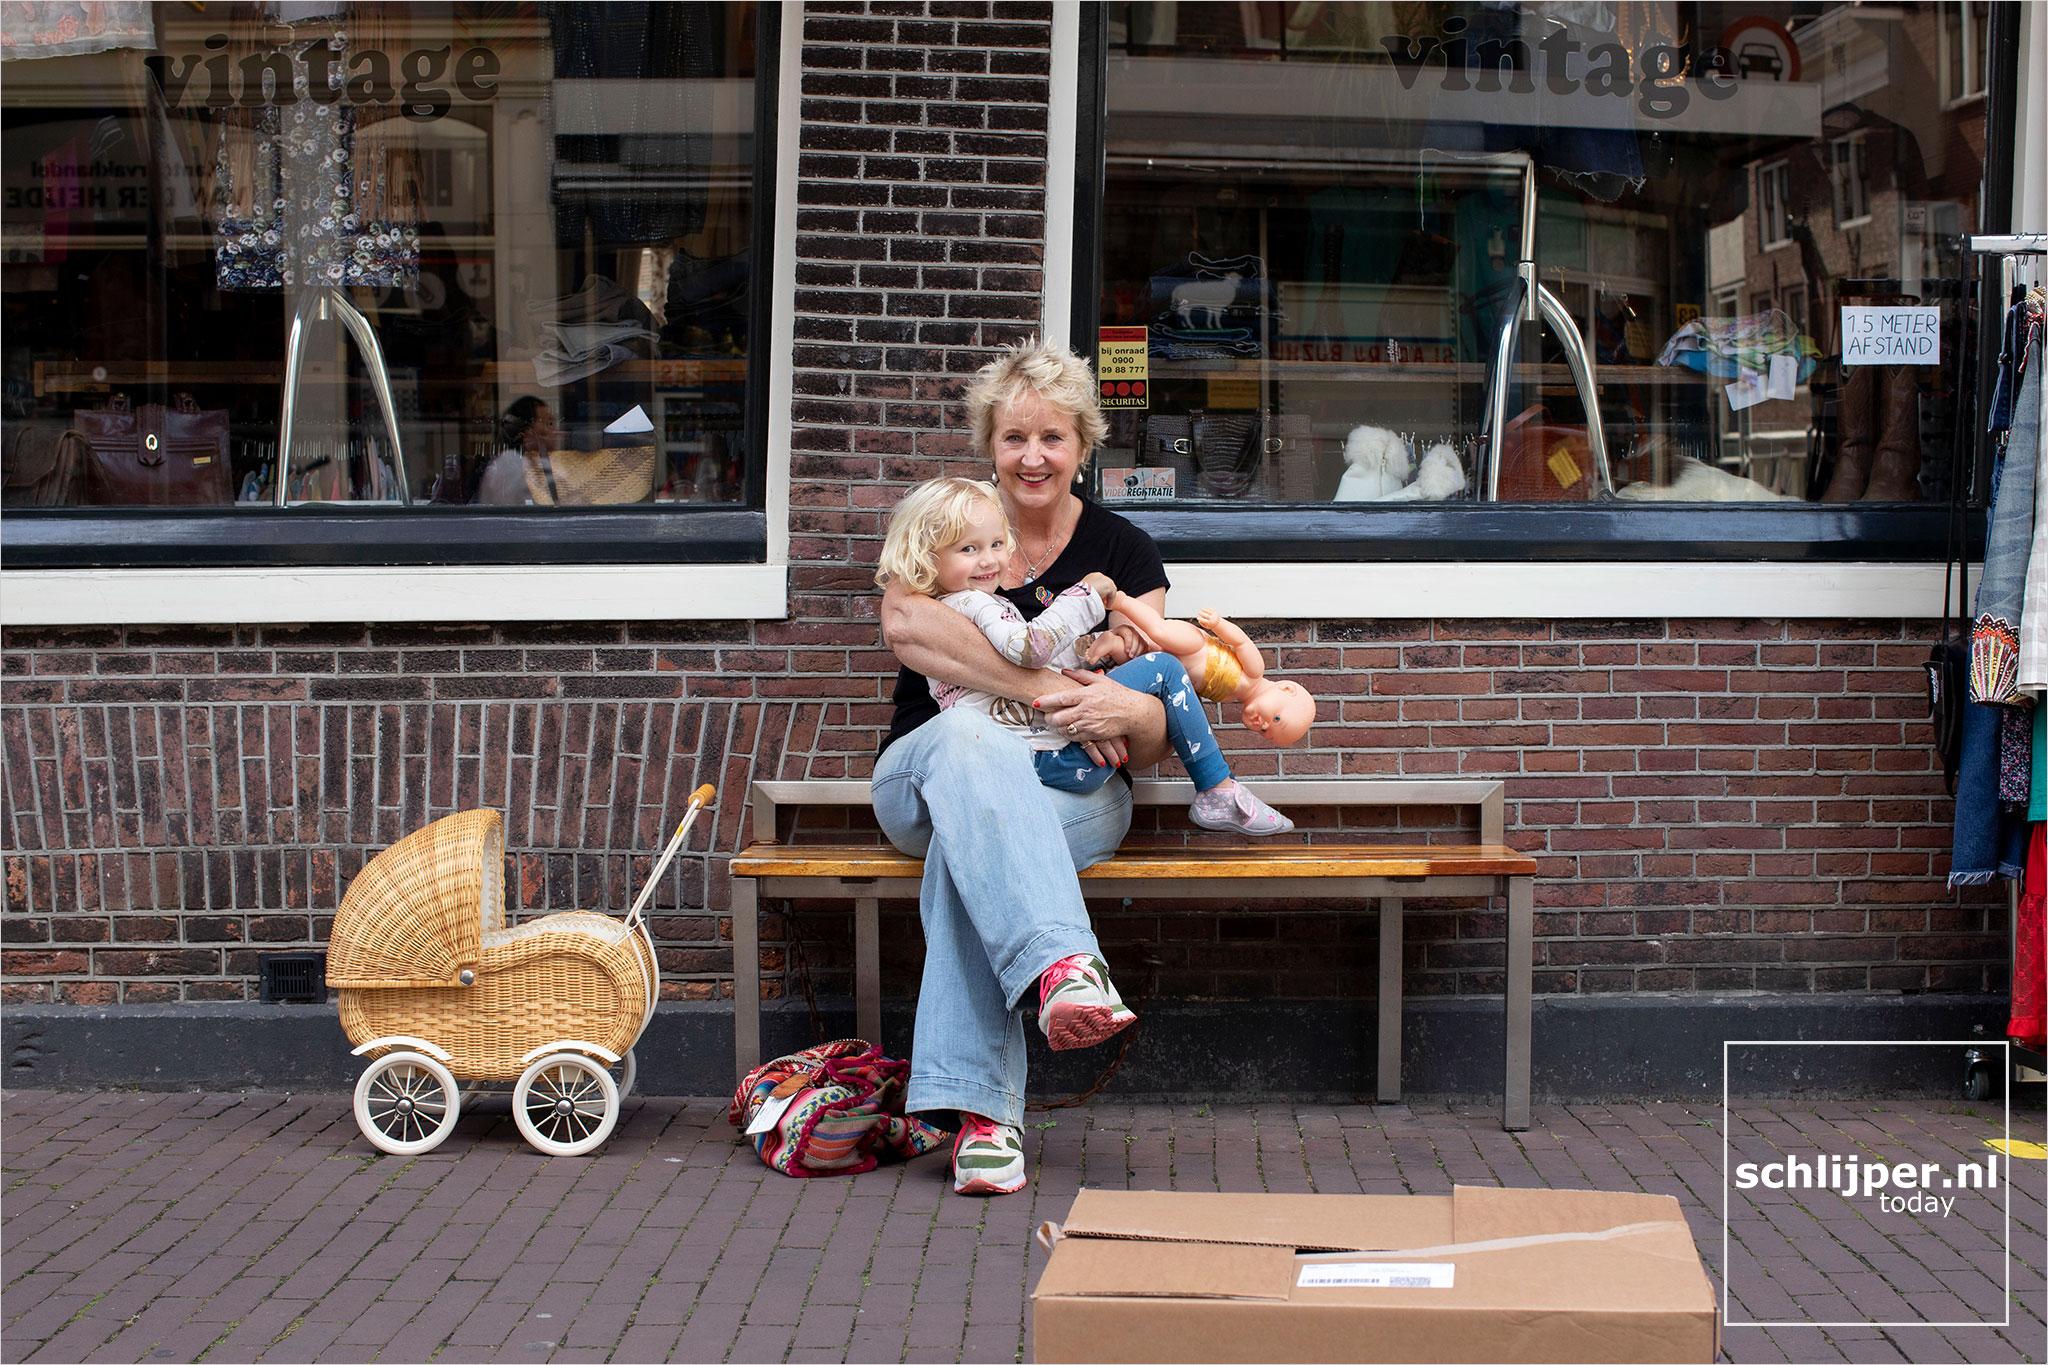 Nederland, Amsterdam, 24 augustus 2020